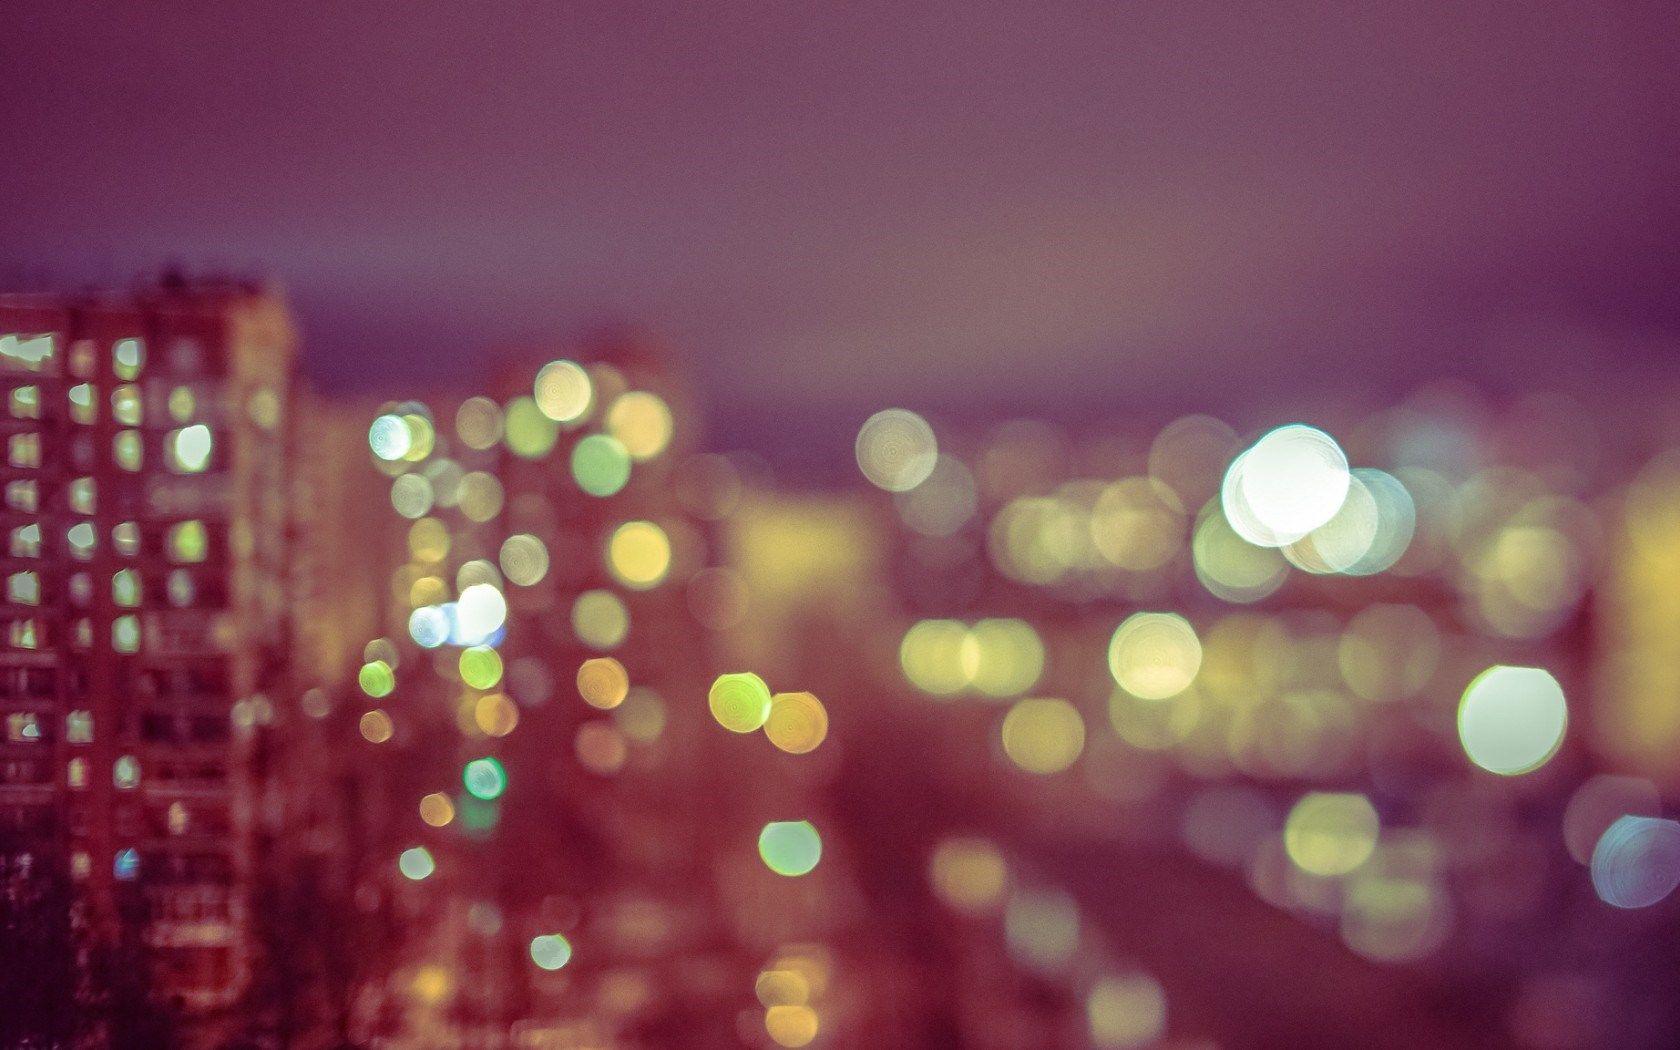 City Buildings Bokeh Hd Wallpaper Freehdwalls Bokeh Photography